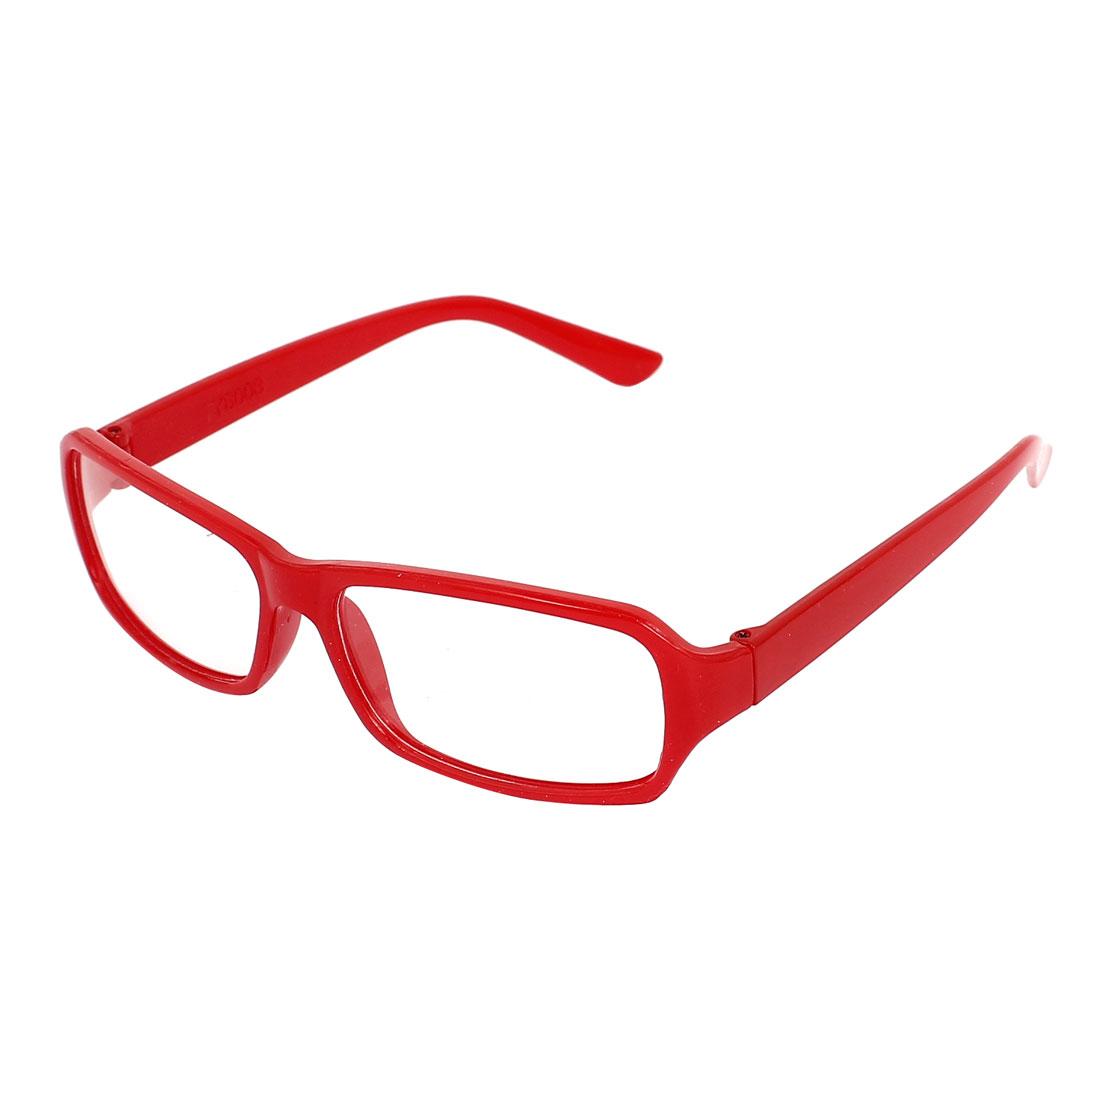 Lady Plastic Full Rim Clear Lens Plain Spectacles Glasses Eyeglasses Red